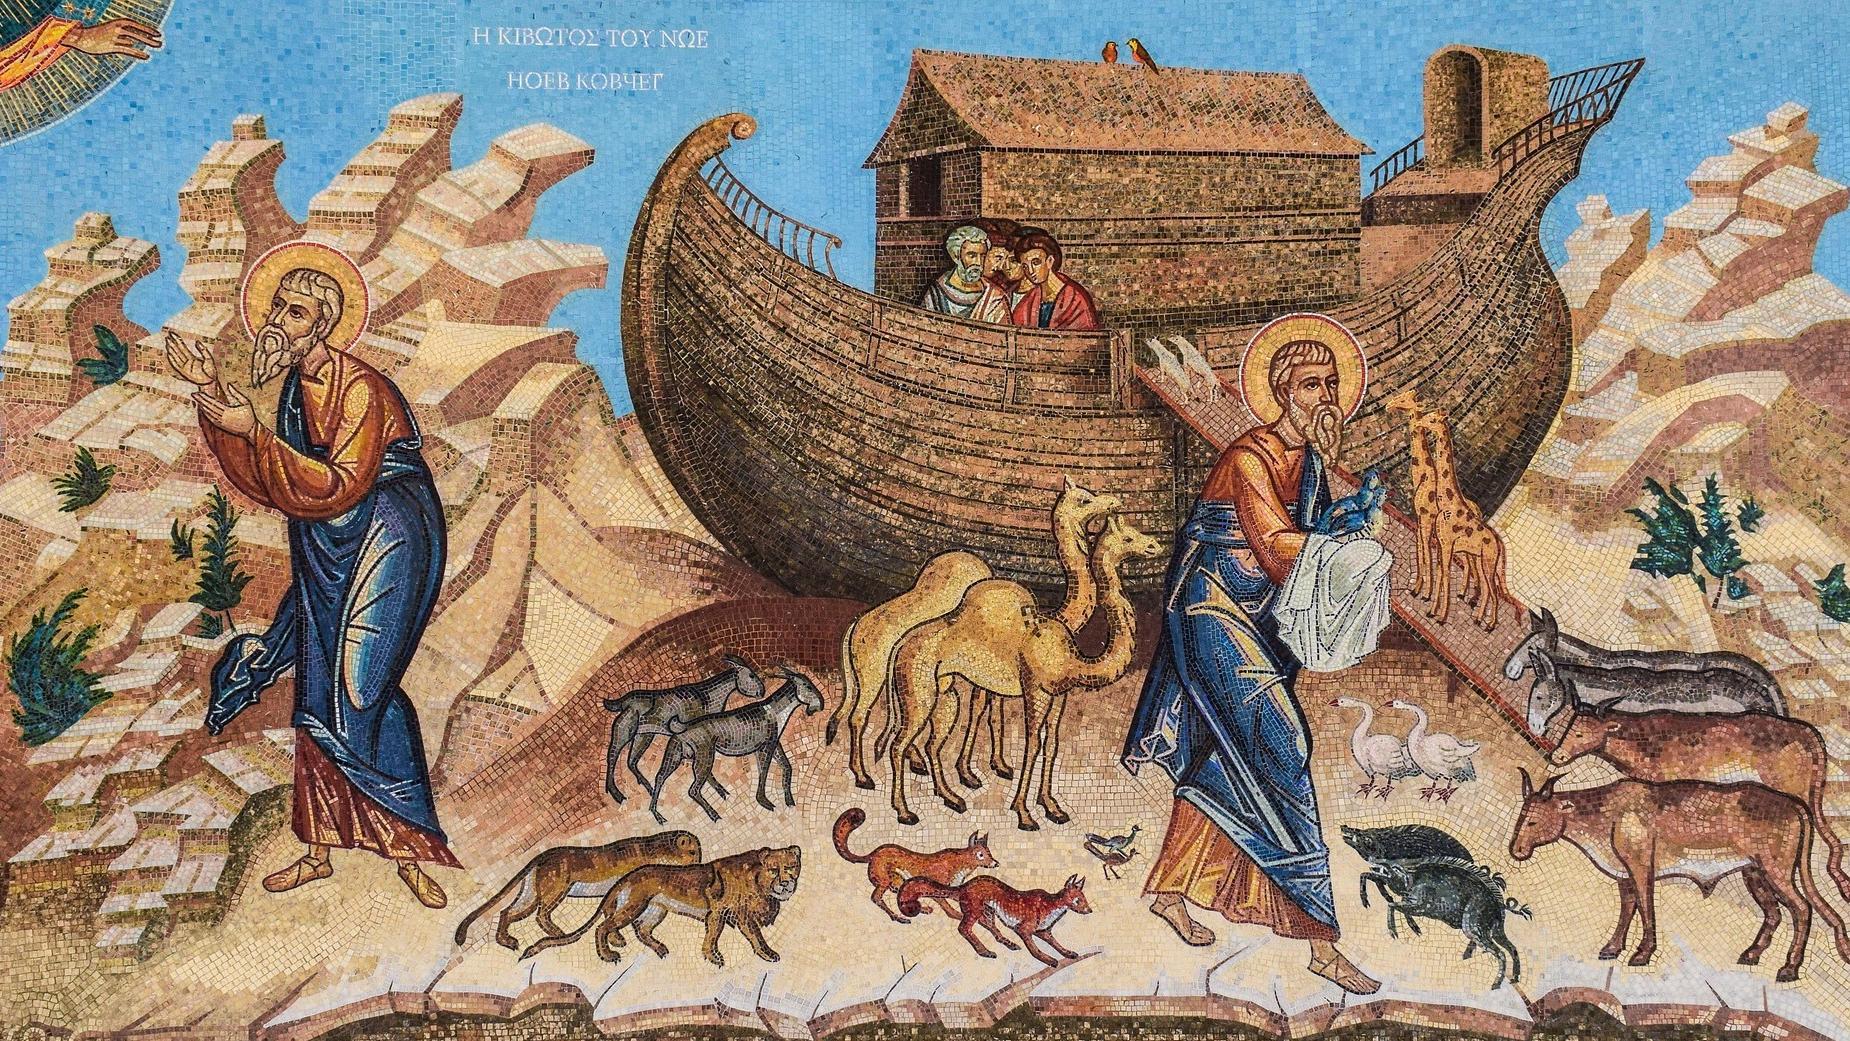 Die Moses Illusion - nicht Moses, sondern Noah sammelte Tiere auf der Arche.